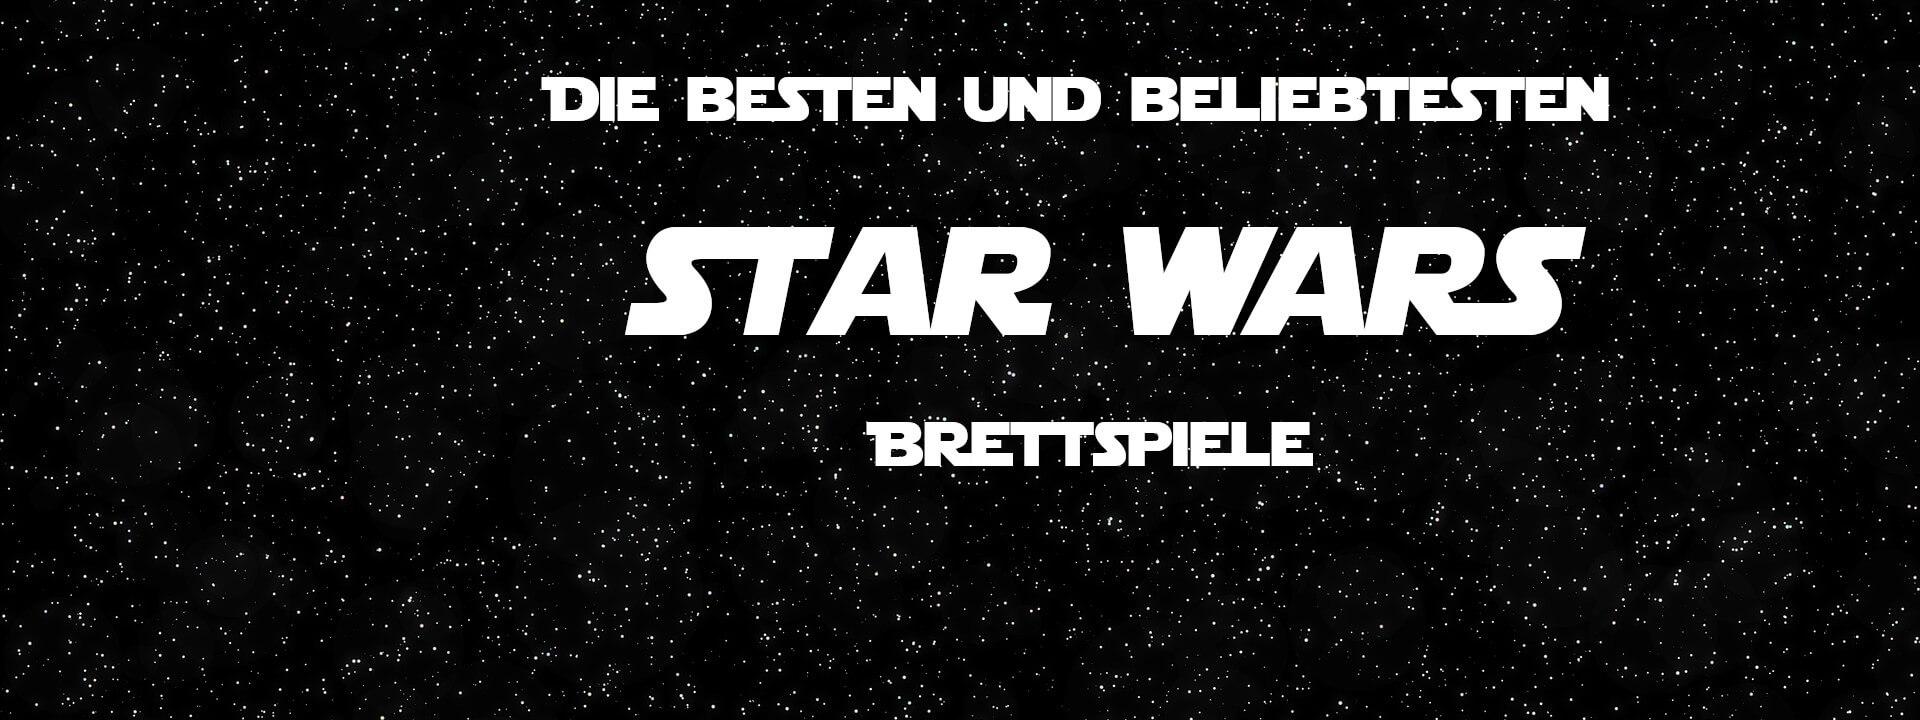 Die besten und beliebtesten Star Wars Brettspiele